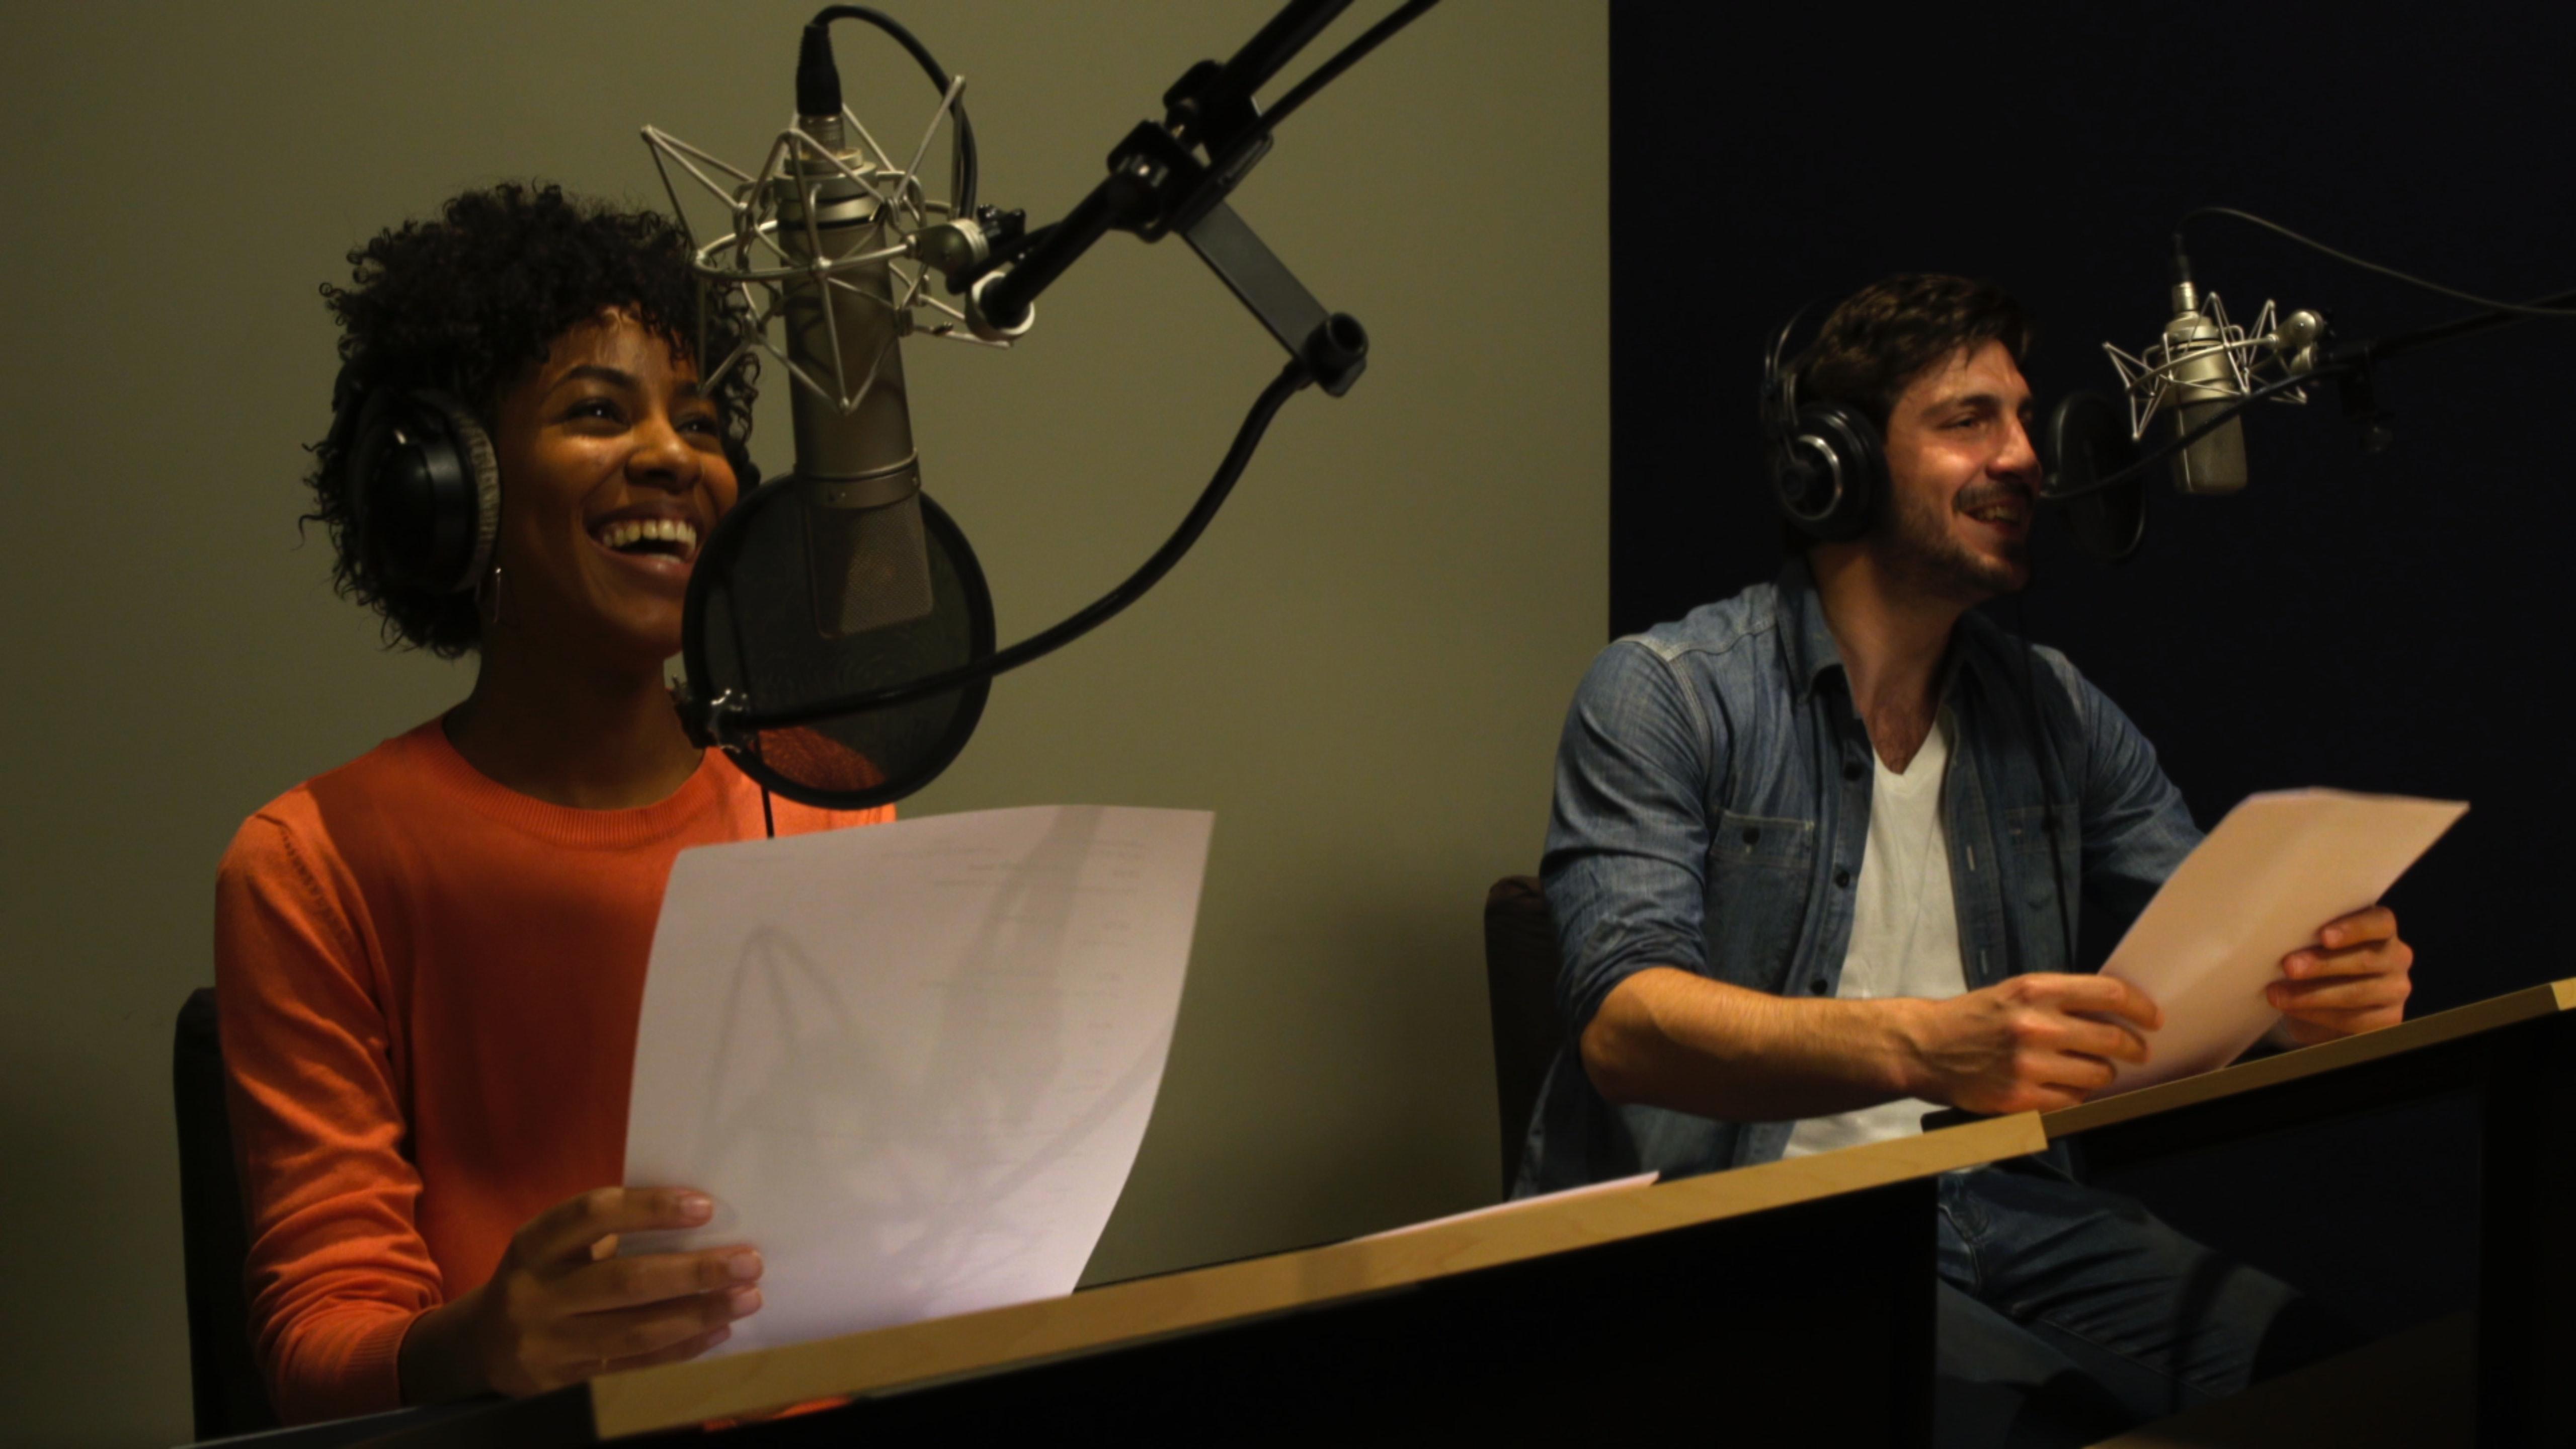 Un acteur et une actrice souriants en séance d'enregistrement de voix de doublage.